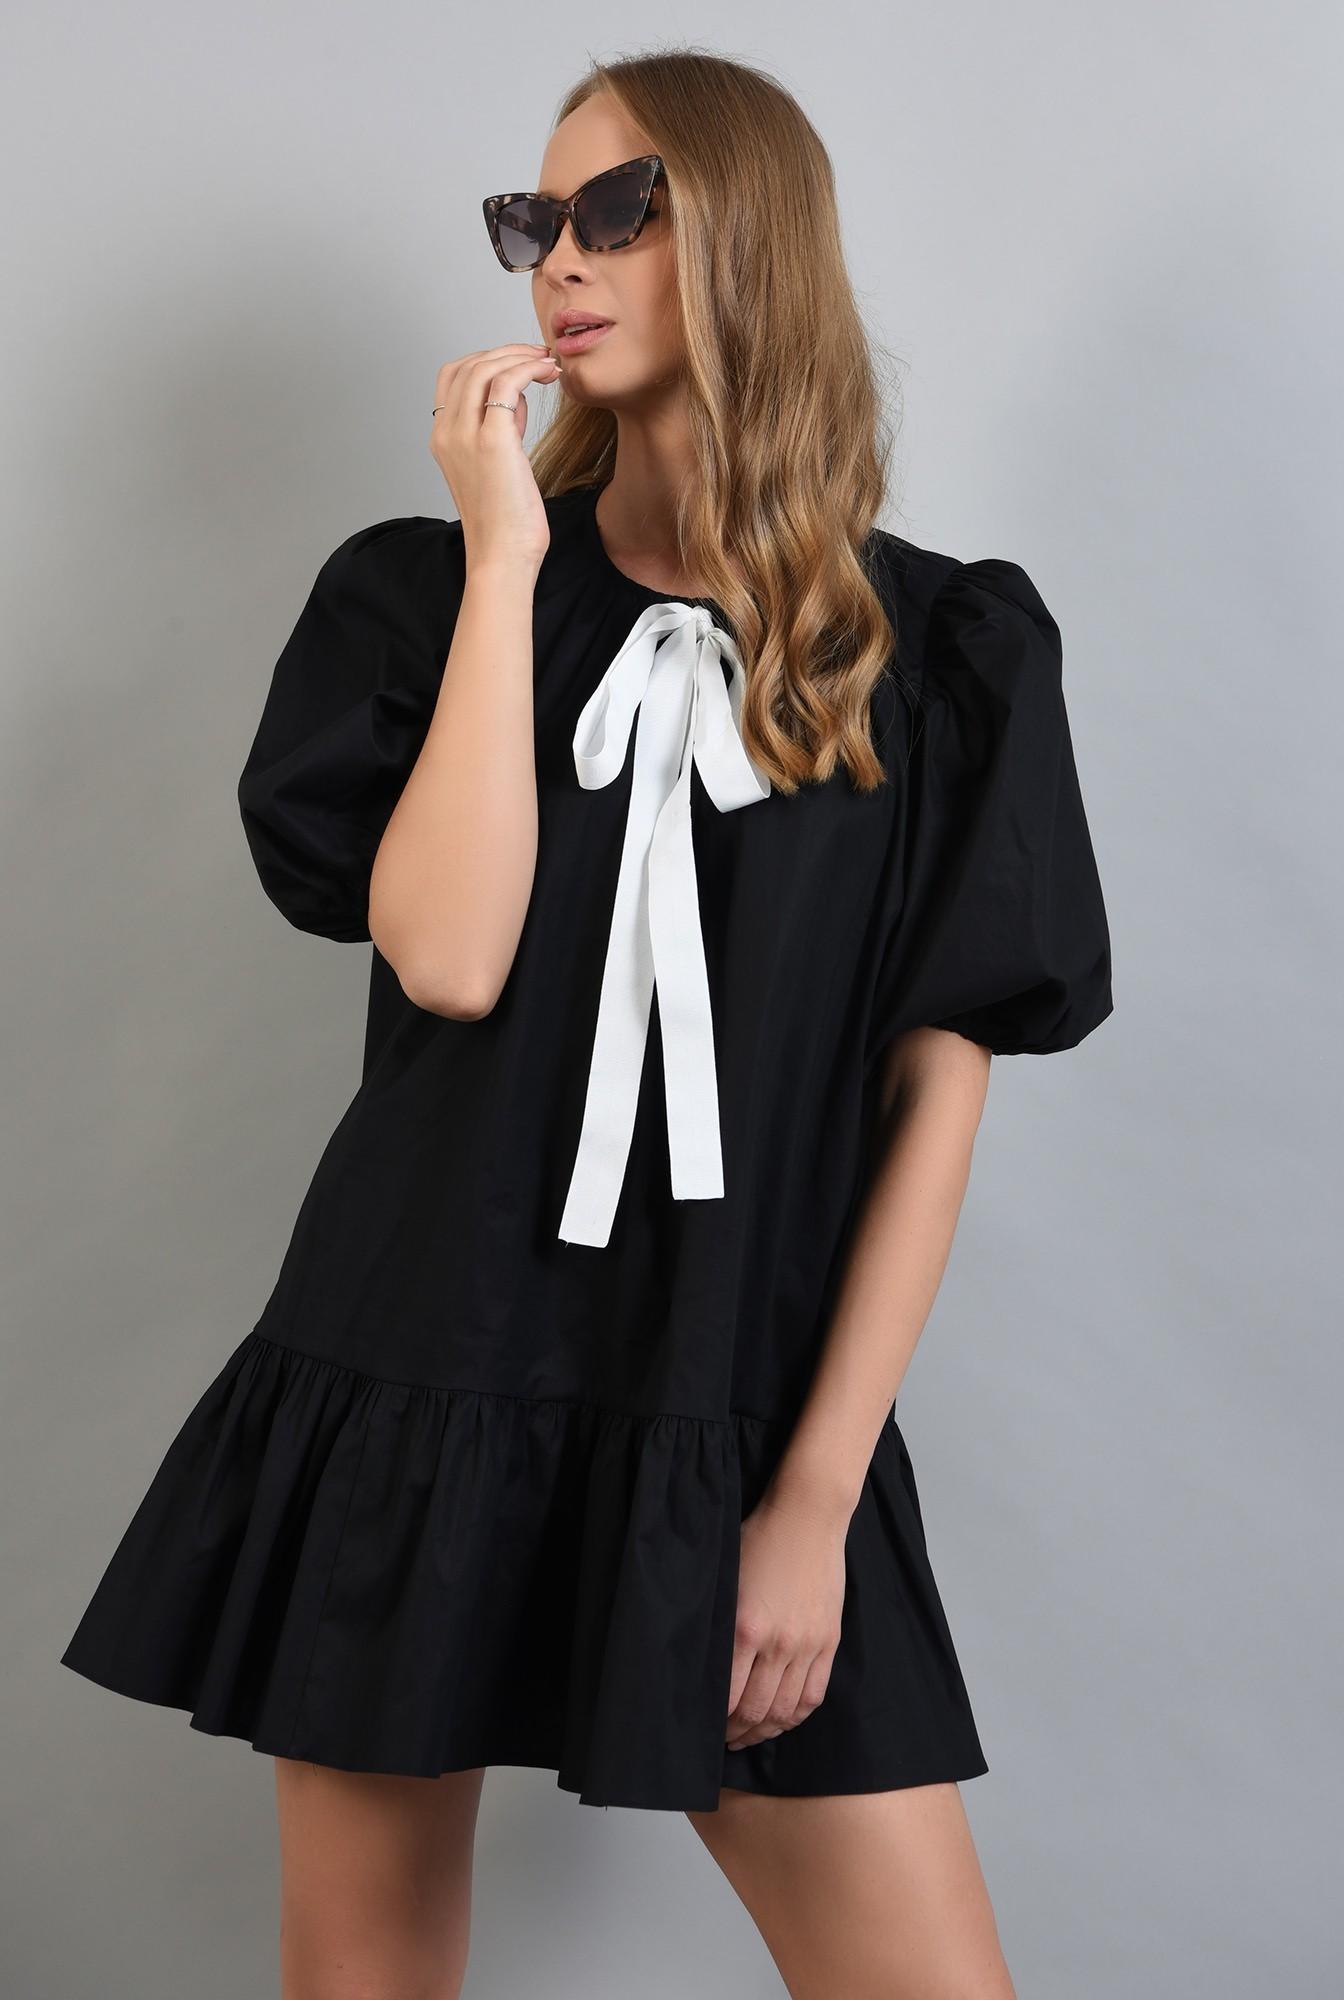 0 - 360 - rochie neagra, cu maneci bufante si volan, Poema